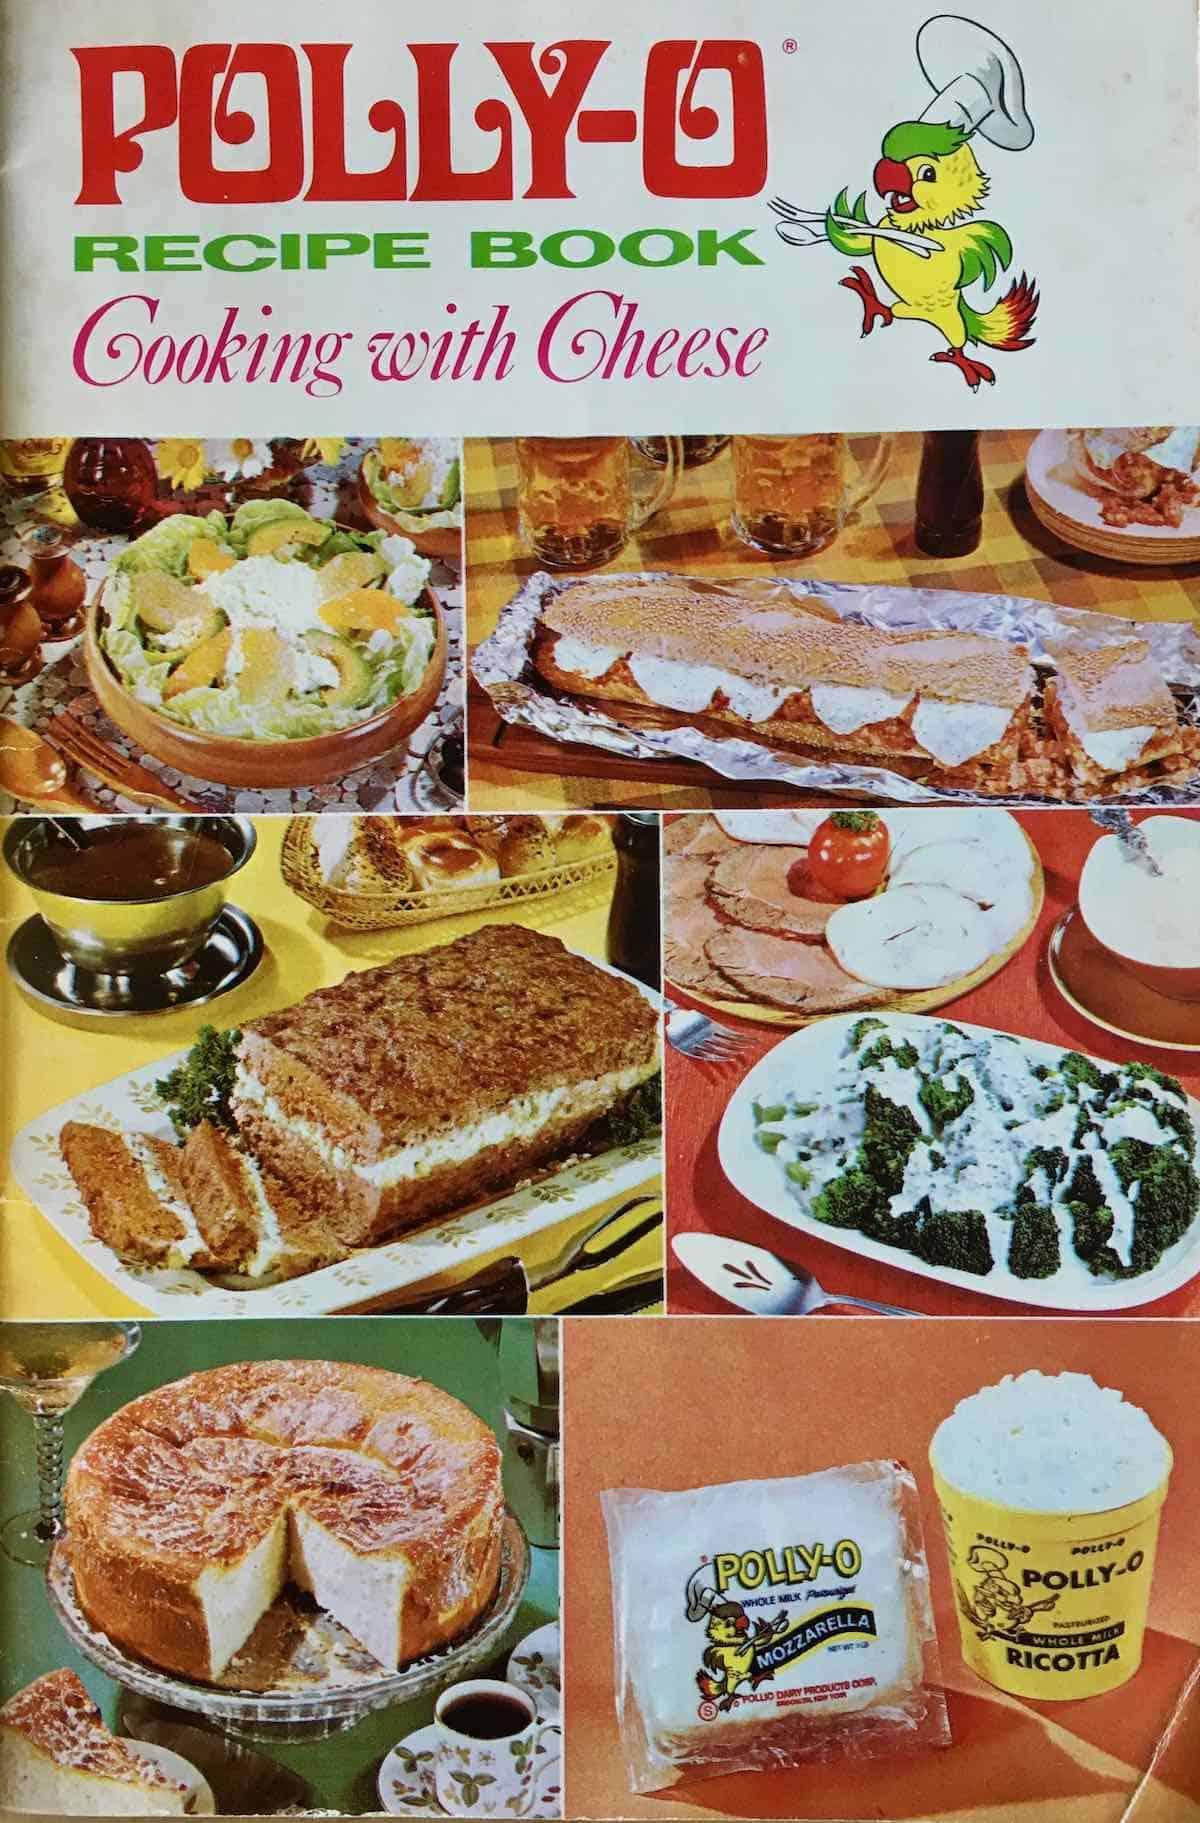 Polly-O cookbook cover